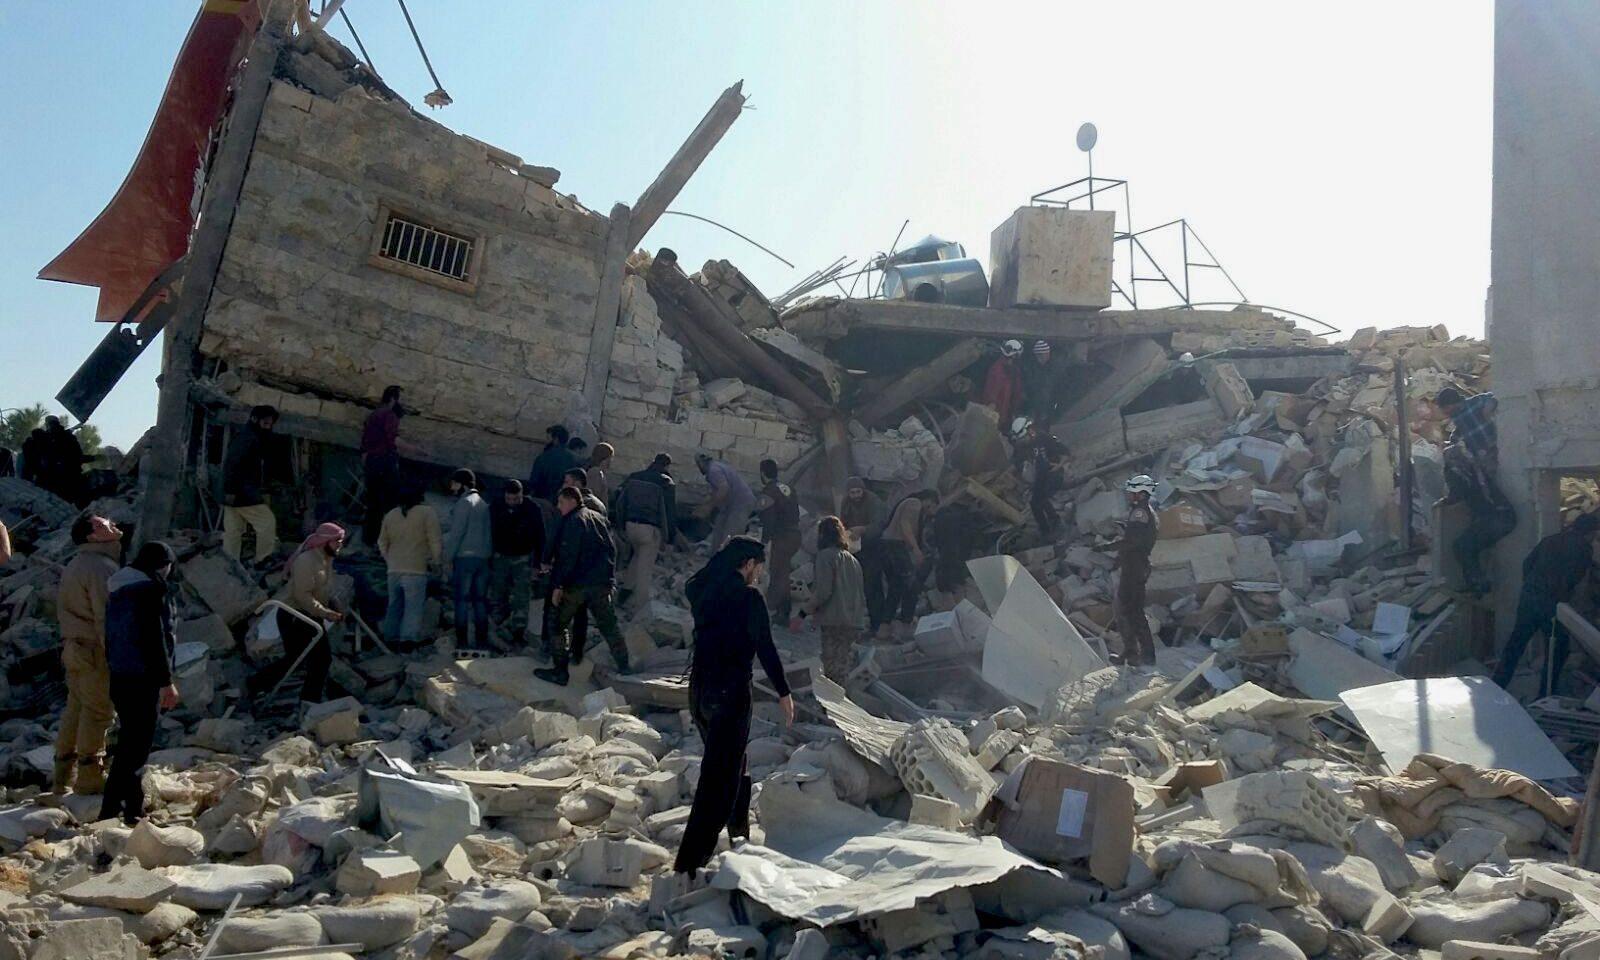 Förstört sjukhus, som Läkare Utan Gränser stöttar, i Ma'arat Al Numan.